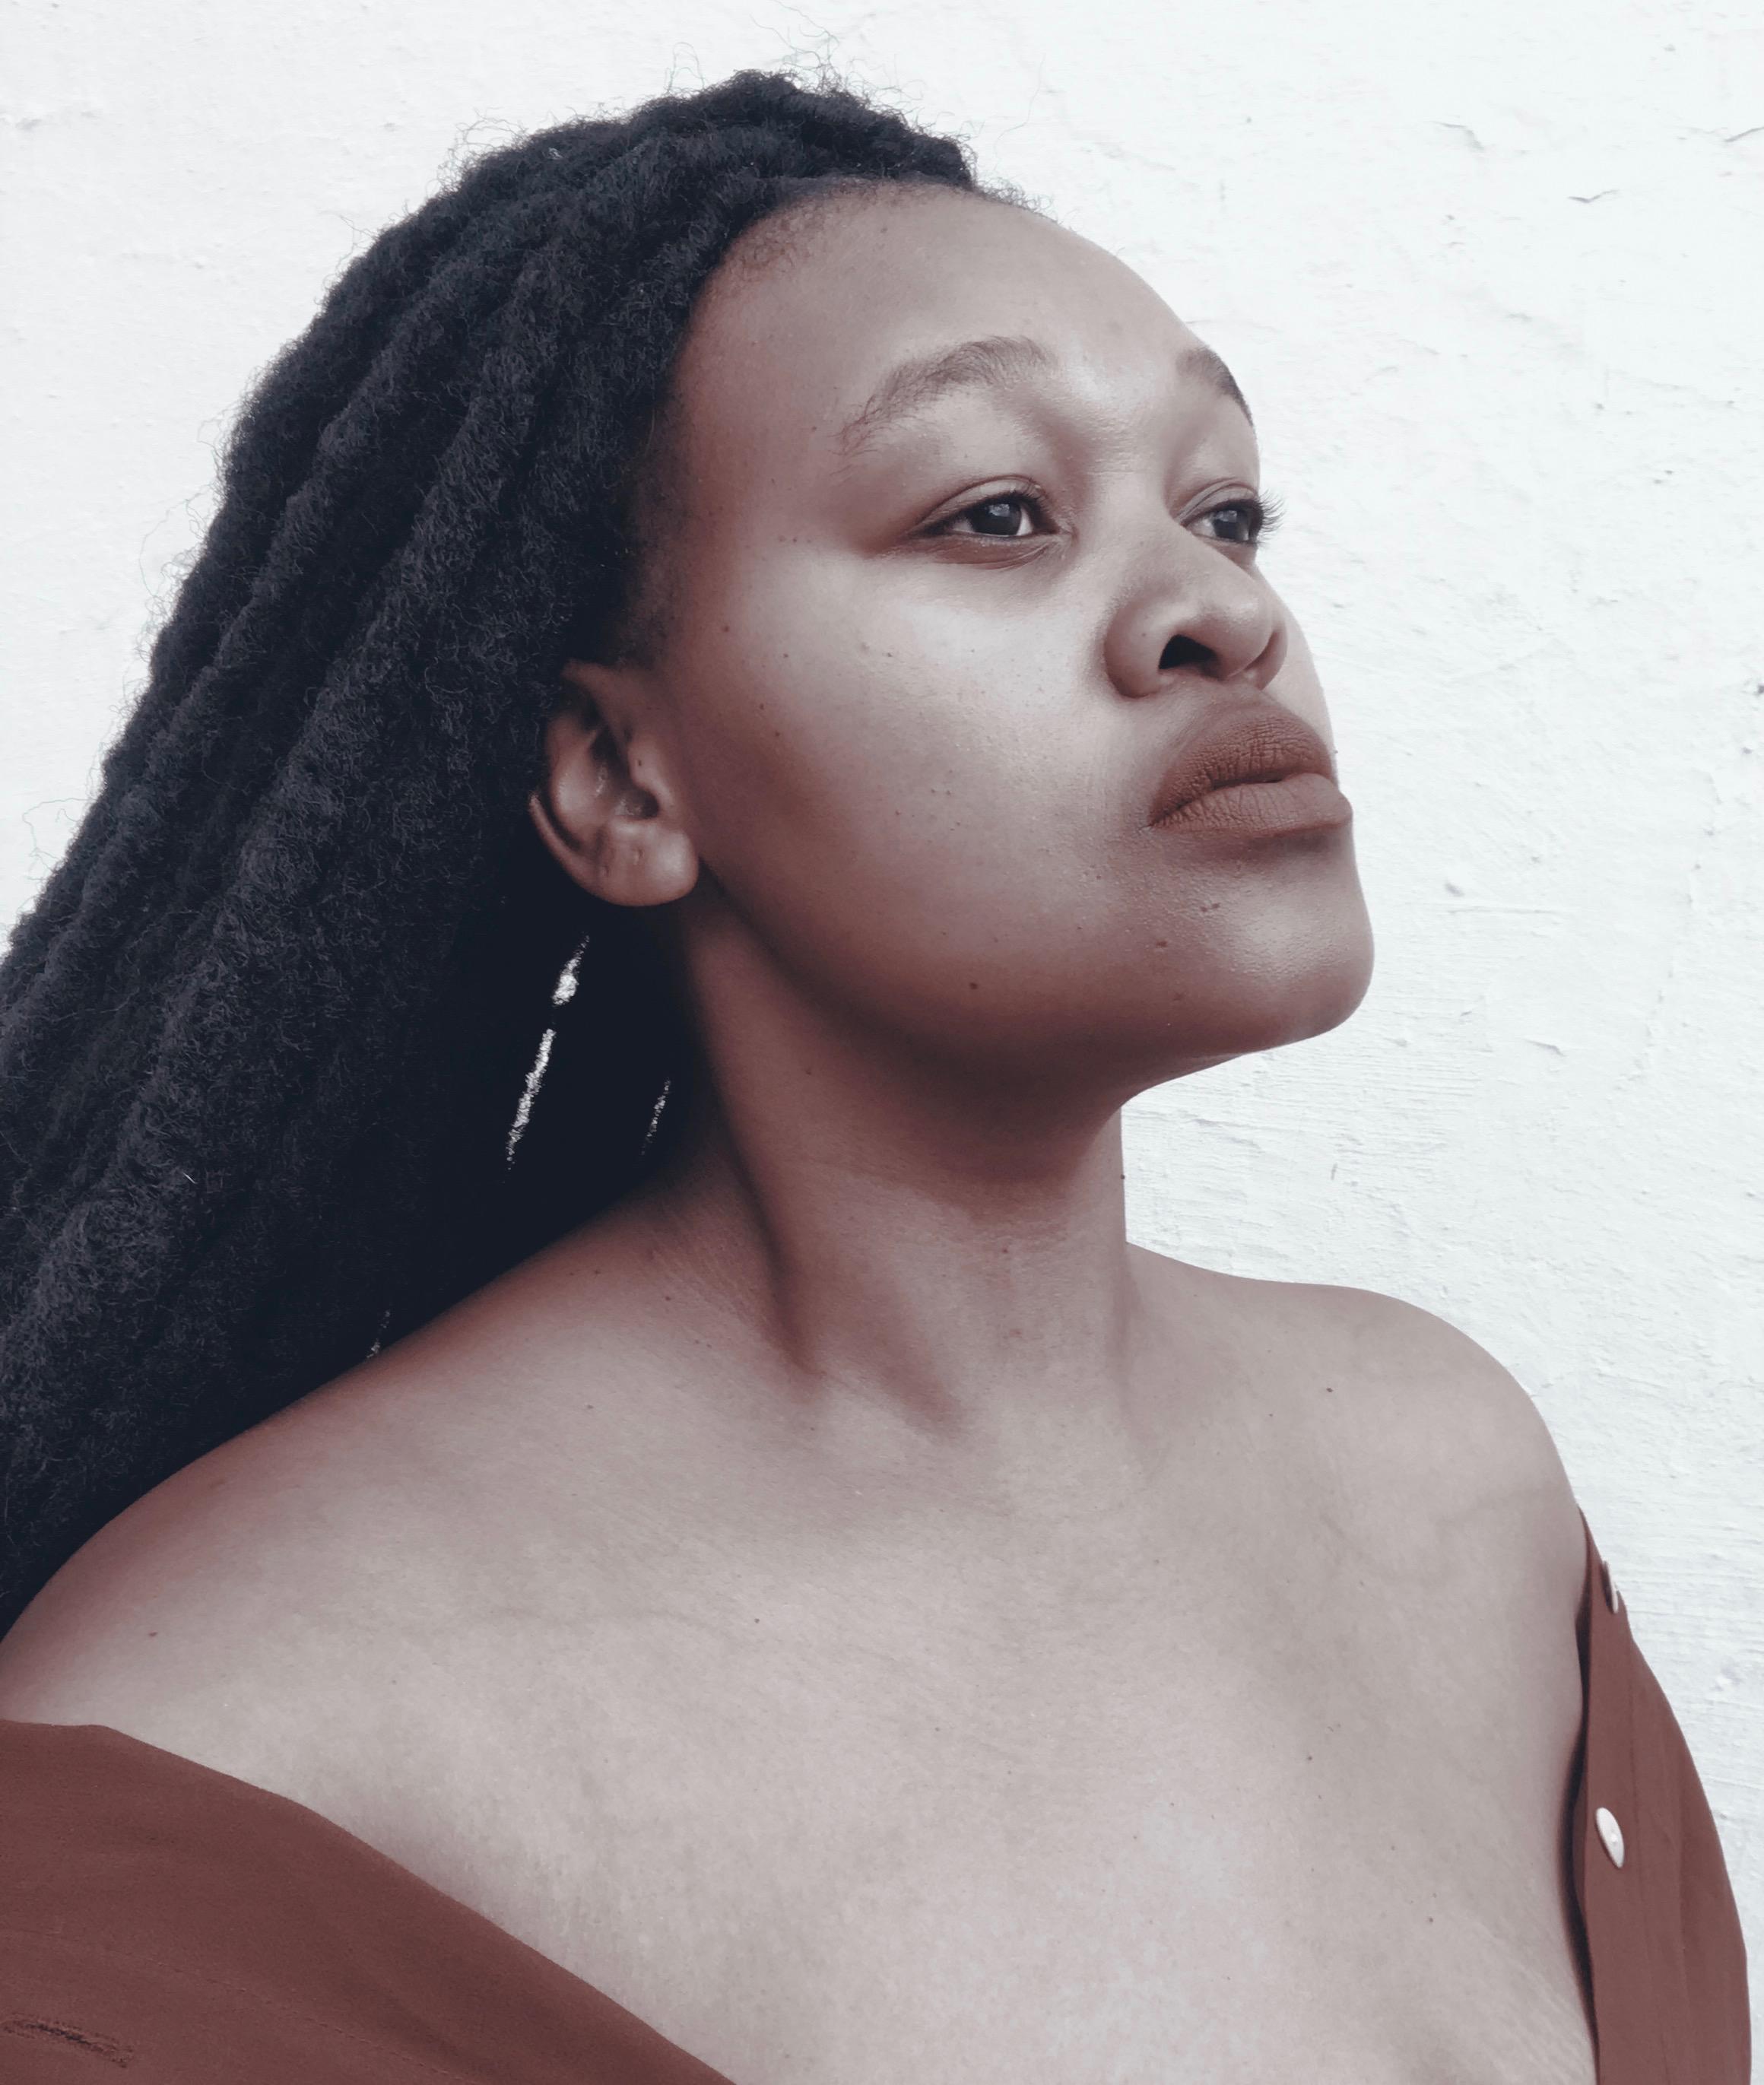 The Pendulum of Purpose by Wazi Kunene read by Ebenhaezer Dibakwane